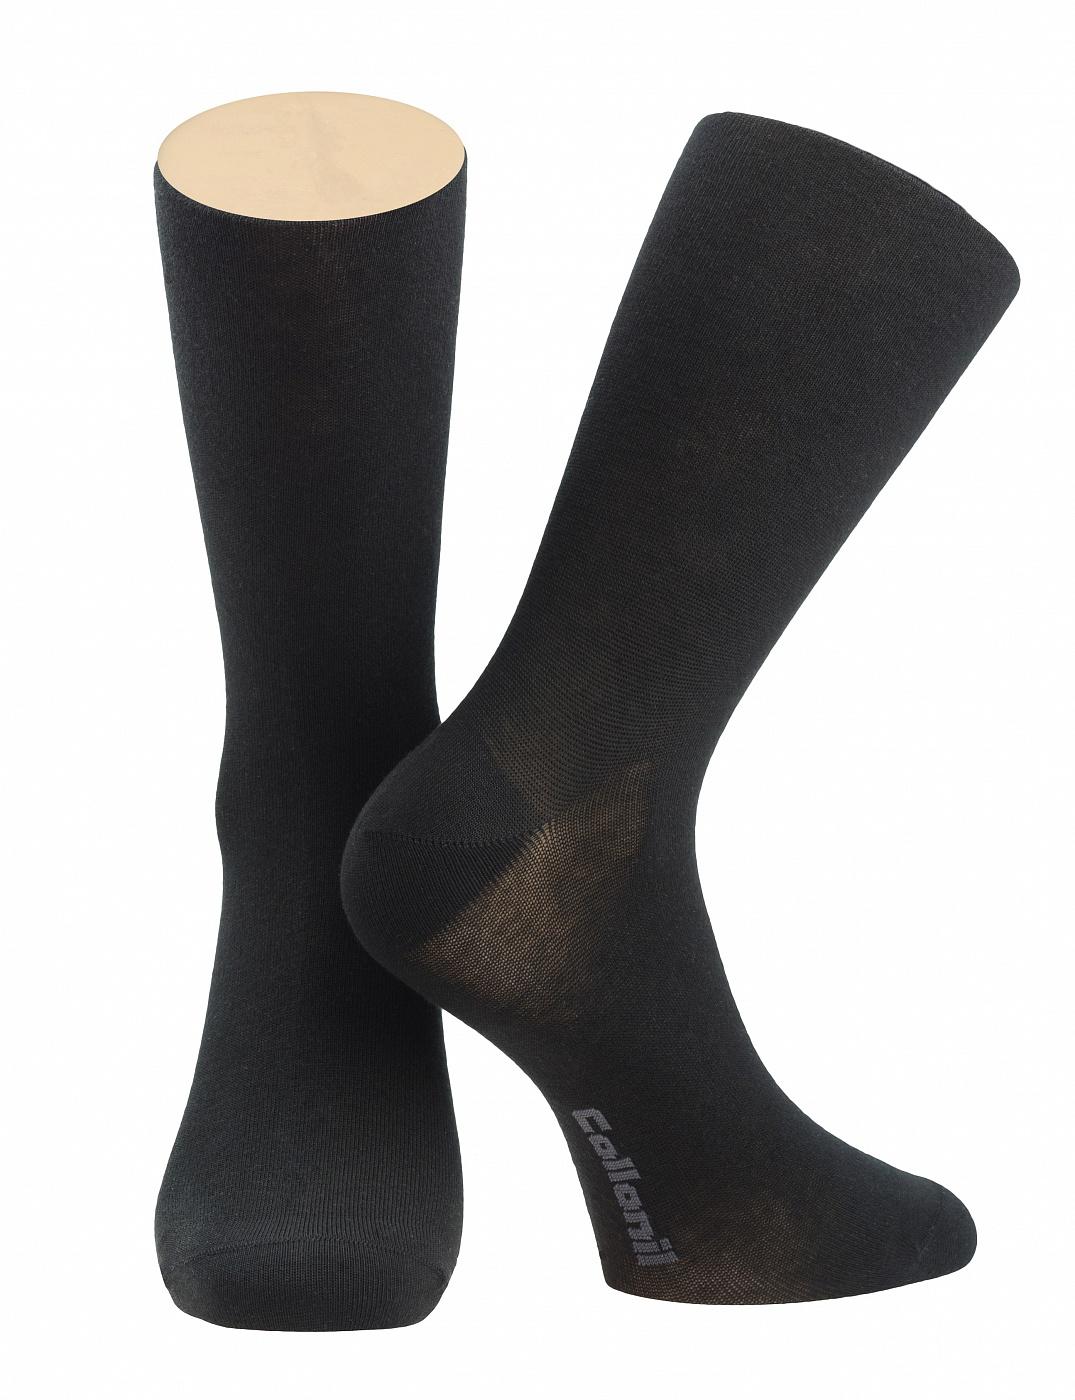 Носки мужские Collonil, цвет: черный. 2-07/01. Размер 44-462-07/01Мужские носки Collonil изготовлены из эластичного мерсеризованного хлопка.Носки с удлиненным паголенком. Широкая резинка не сдавливает и комфортно облегает ногу.